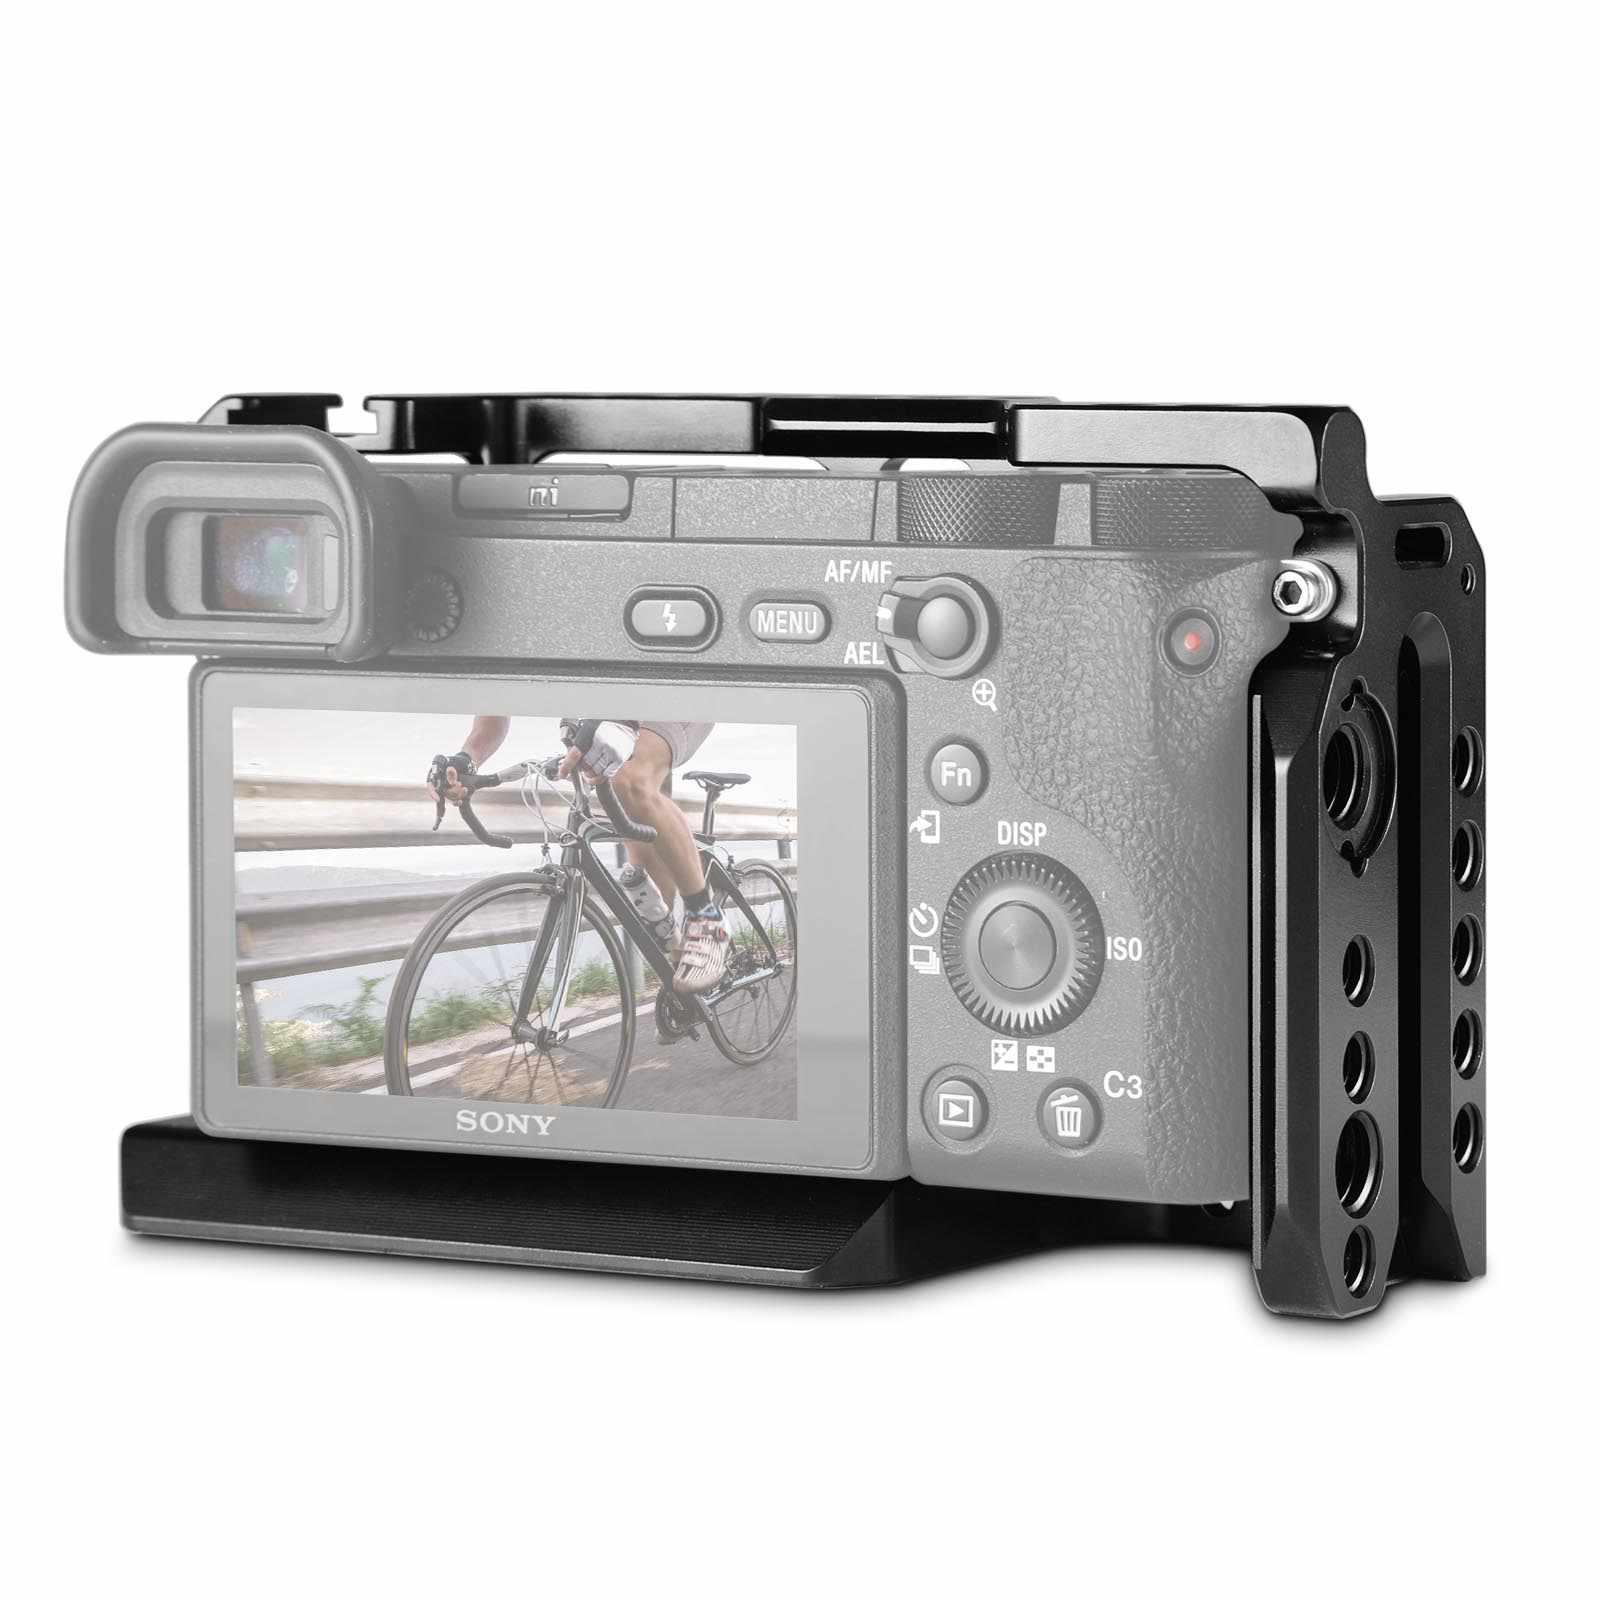 Smallrig Máy Ảnh DSLR Rig Lồng Cho Sony A6500 /A6300 Camera Hợp Kim Nhôm Lồng W/ Arca Thụy Sĩ QR Đĩa (Phiên Bản Nâng Cấp)-1889